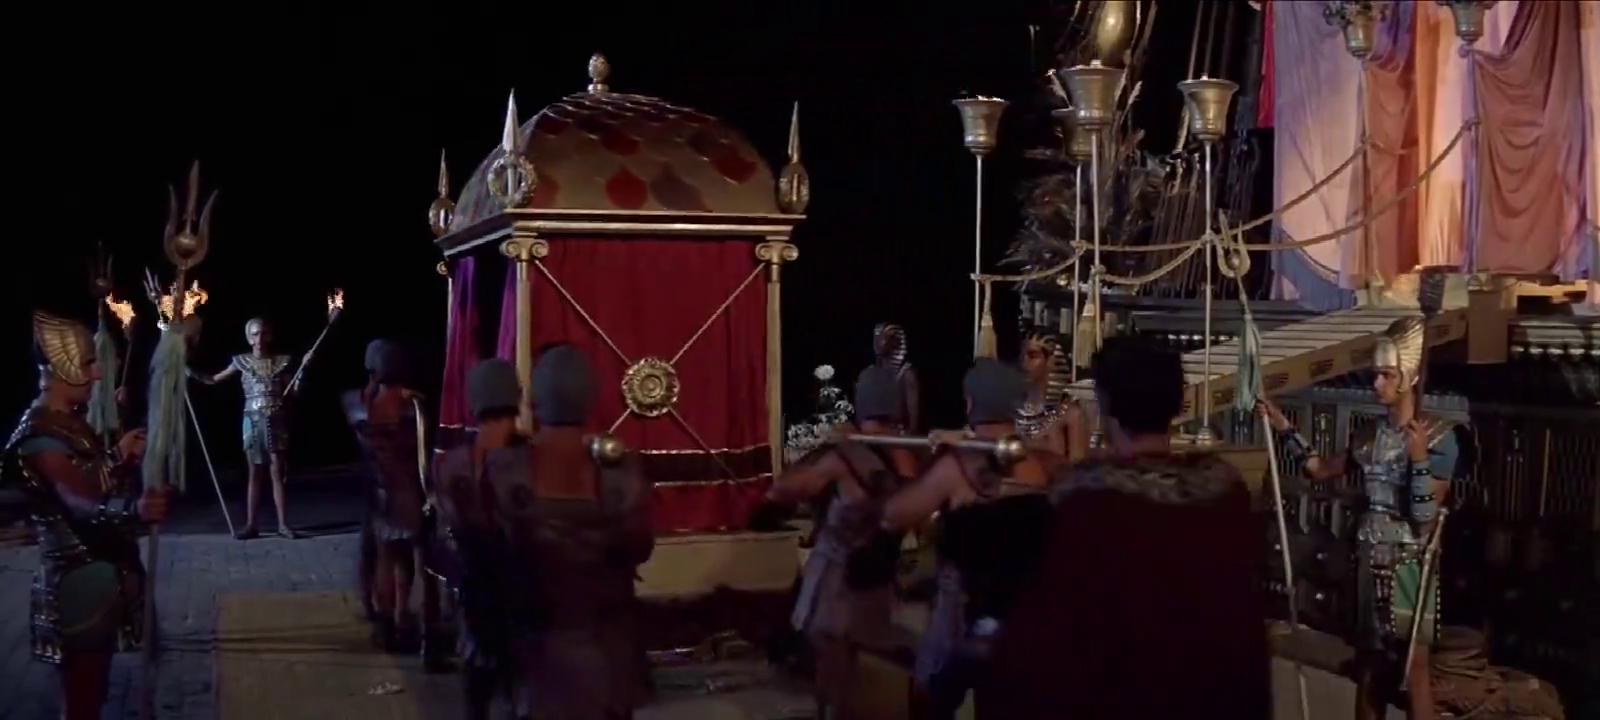 安东尼约见埃及艳后,安东尼看了无动于衷,却被身上的项链吸引